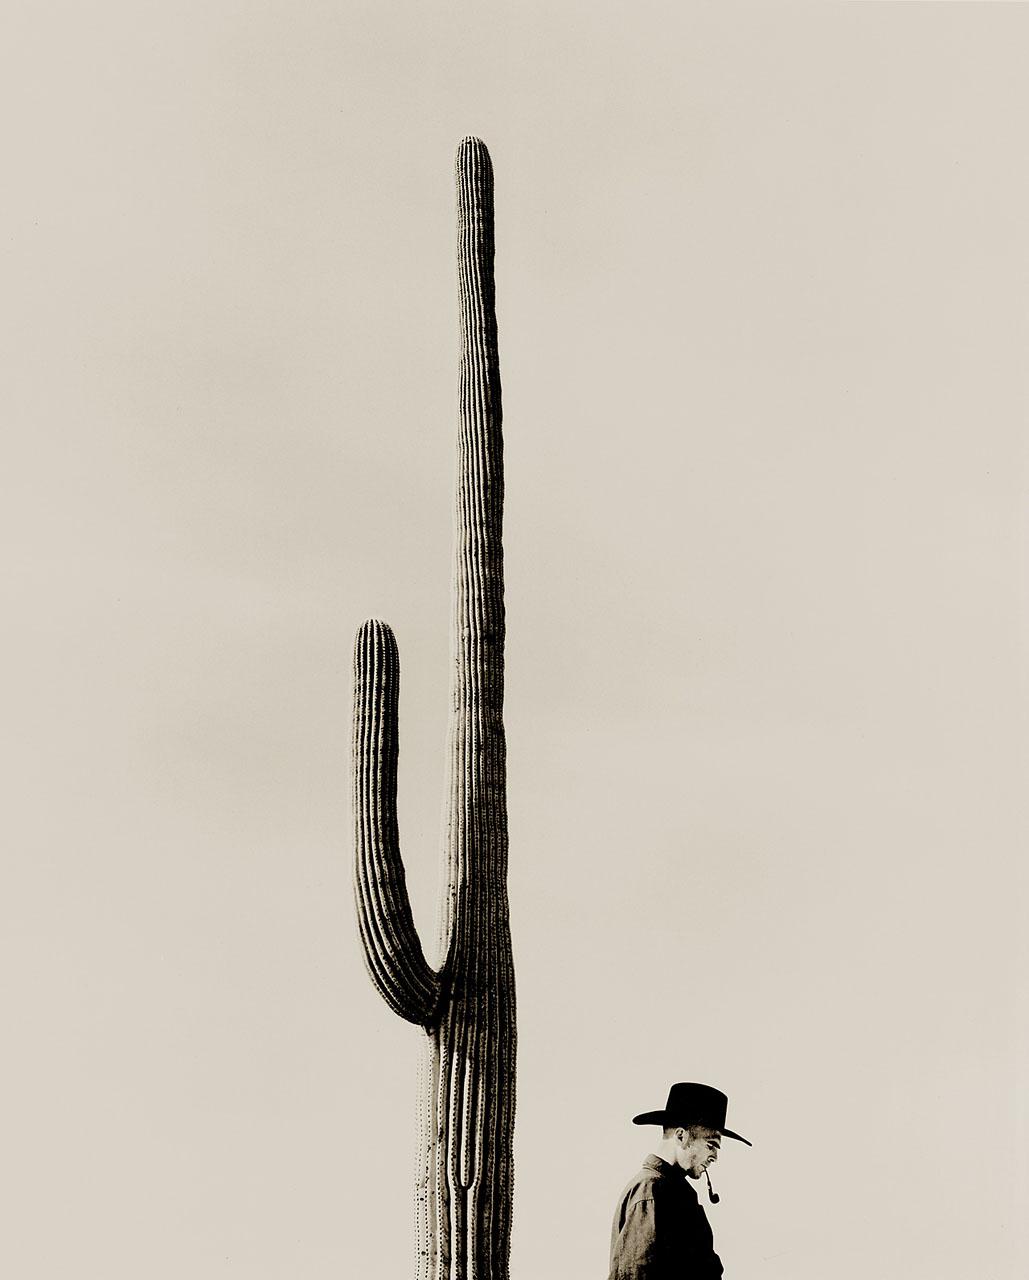 cowboy photography stuart redler clementine de forton gallery